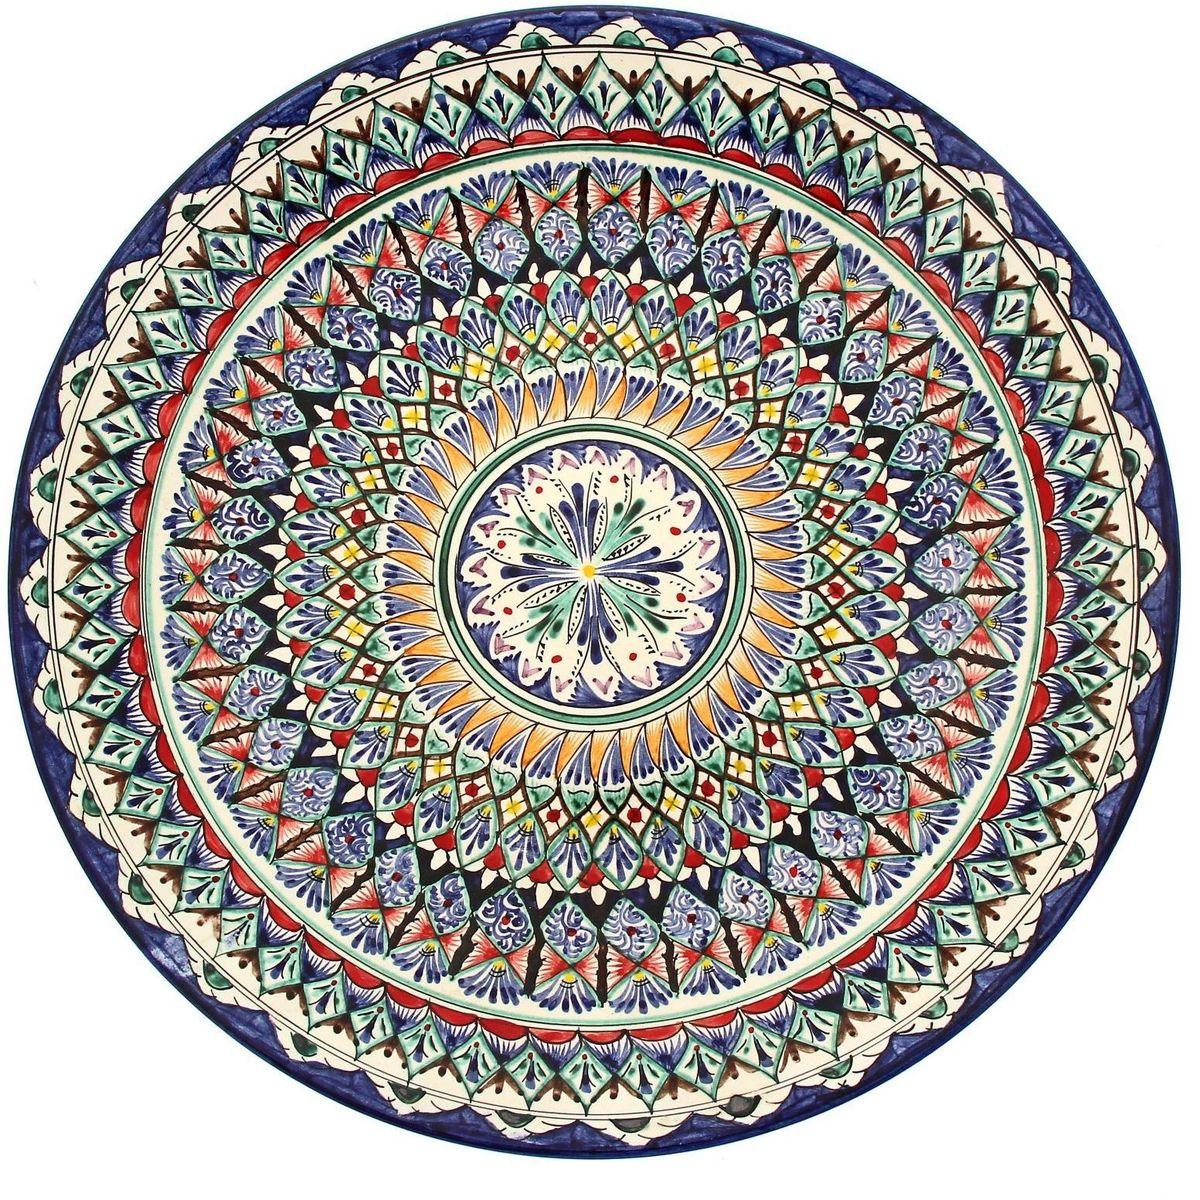 Ляган Риштанская керамика, цвет: синий, белый, диаметр 41 см. 19242231924223Ляган Риштанская керамика — это не просто обеденный атрибут, это украшение стола. Посуда с национальной росписью станет отменным подарком для ценителей высокородной посуды. Риштан — город на востоке Узбекистана, один из древнейших в Ферганской долине. С давних времен Риштан славится своим гончарным искусством изготовления цветной керамики. Красноватую глину для изделия добывают в самом городе. Мастера утверждают, что их глина настолько высокого качества, что даже не нуждается в предварительной обработке. Дополните коллекцию кухонных аксессуаров пряными восточными нотами.